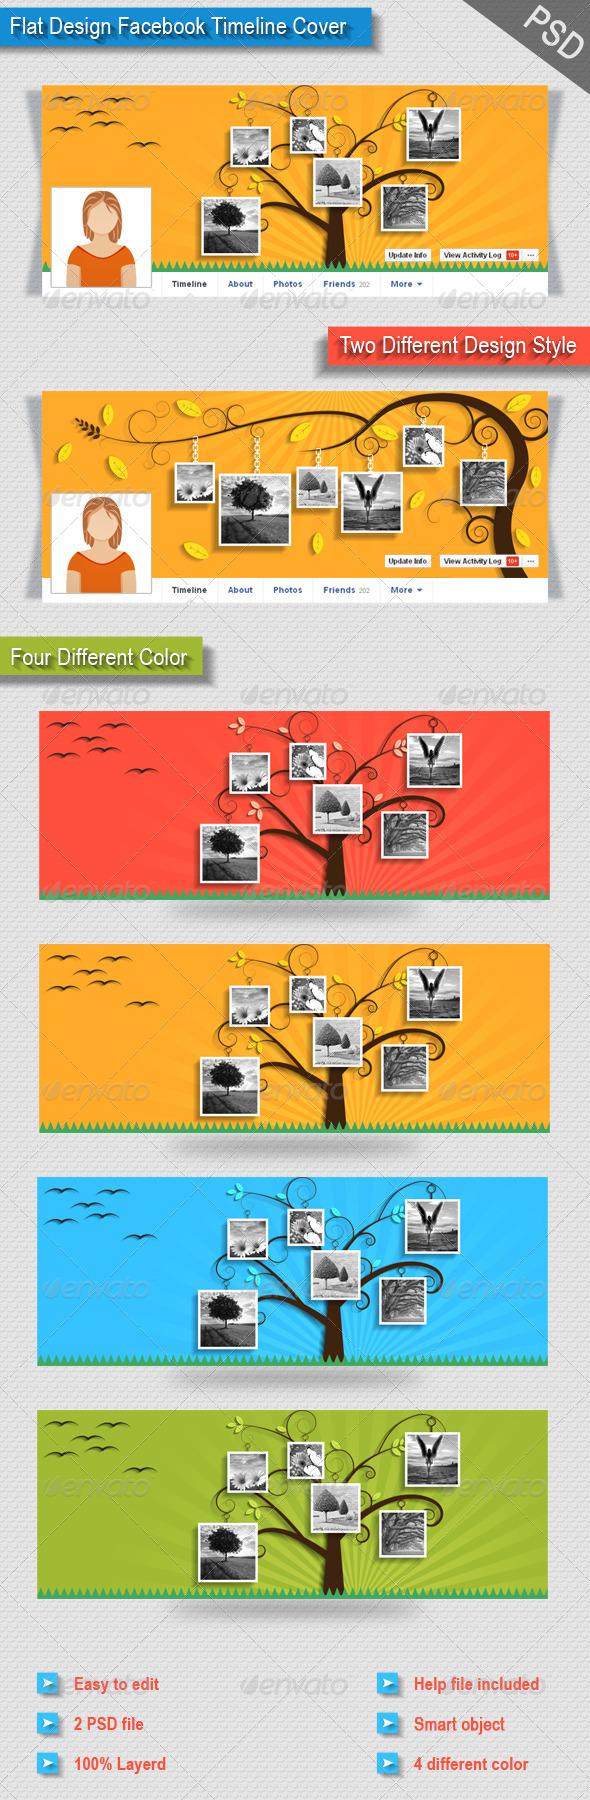 GraphicRiver Flat Design Facebook Timeline Cover 8716626